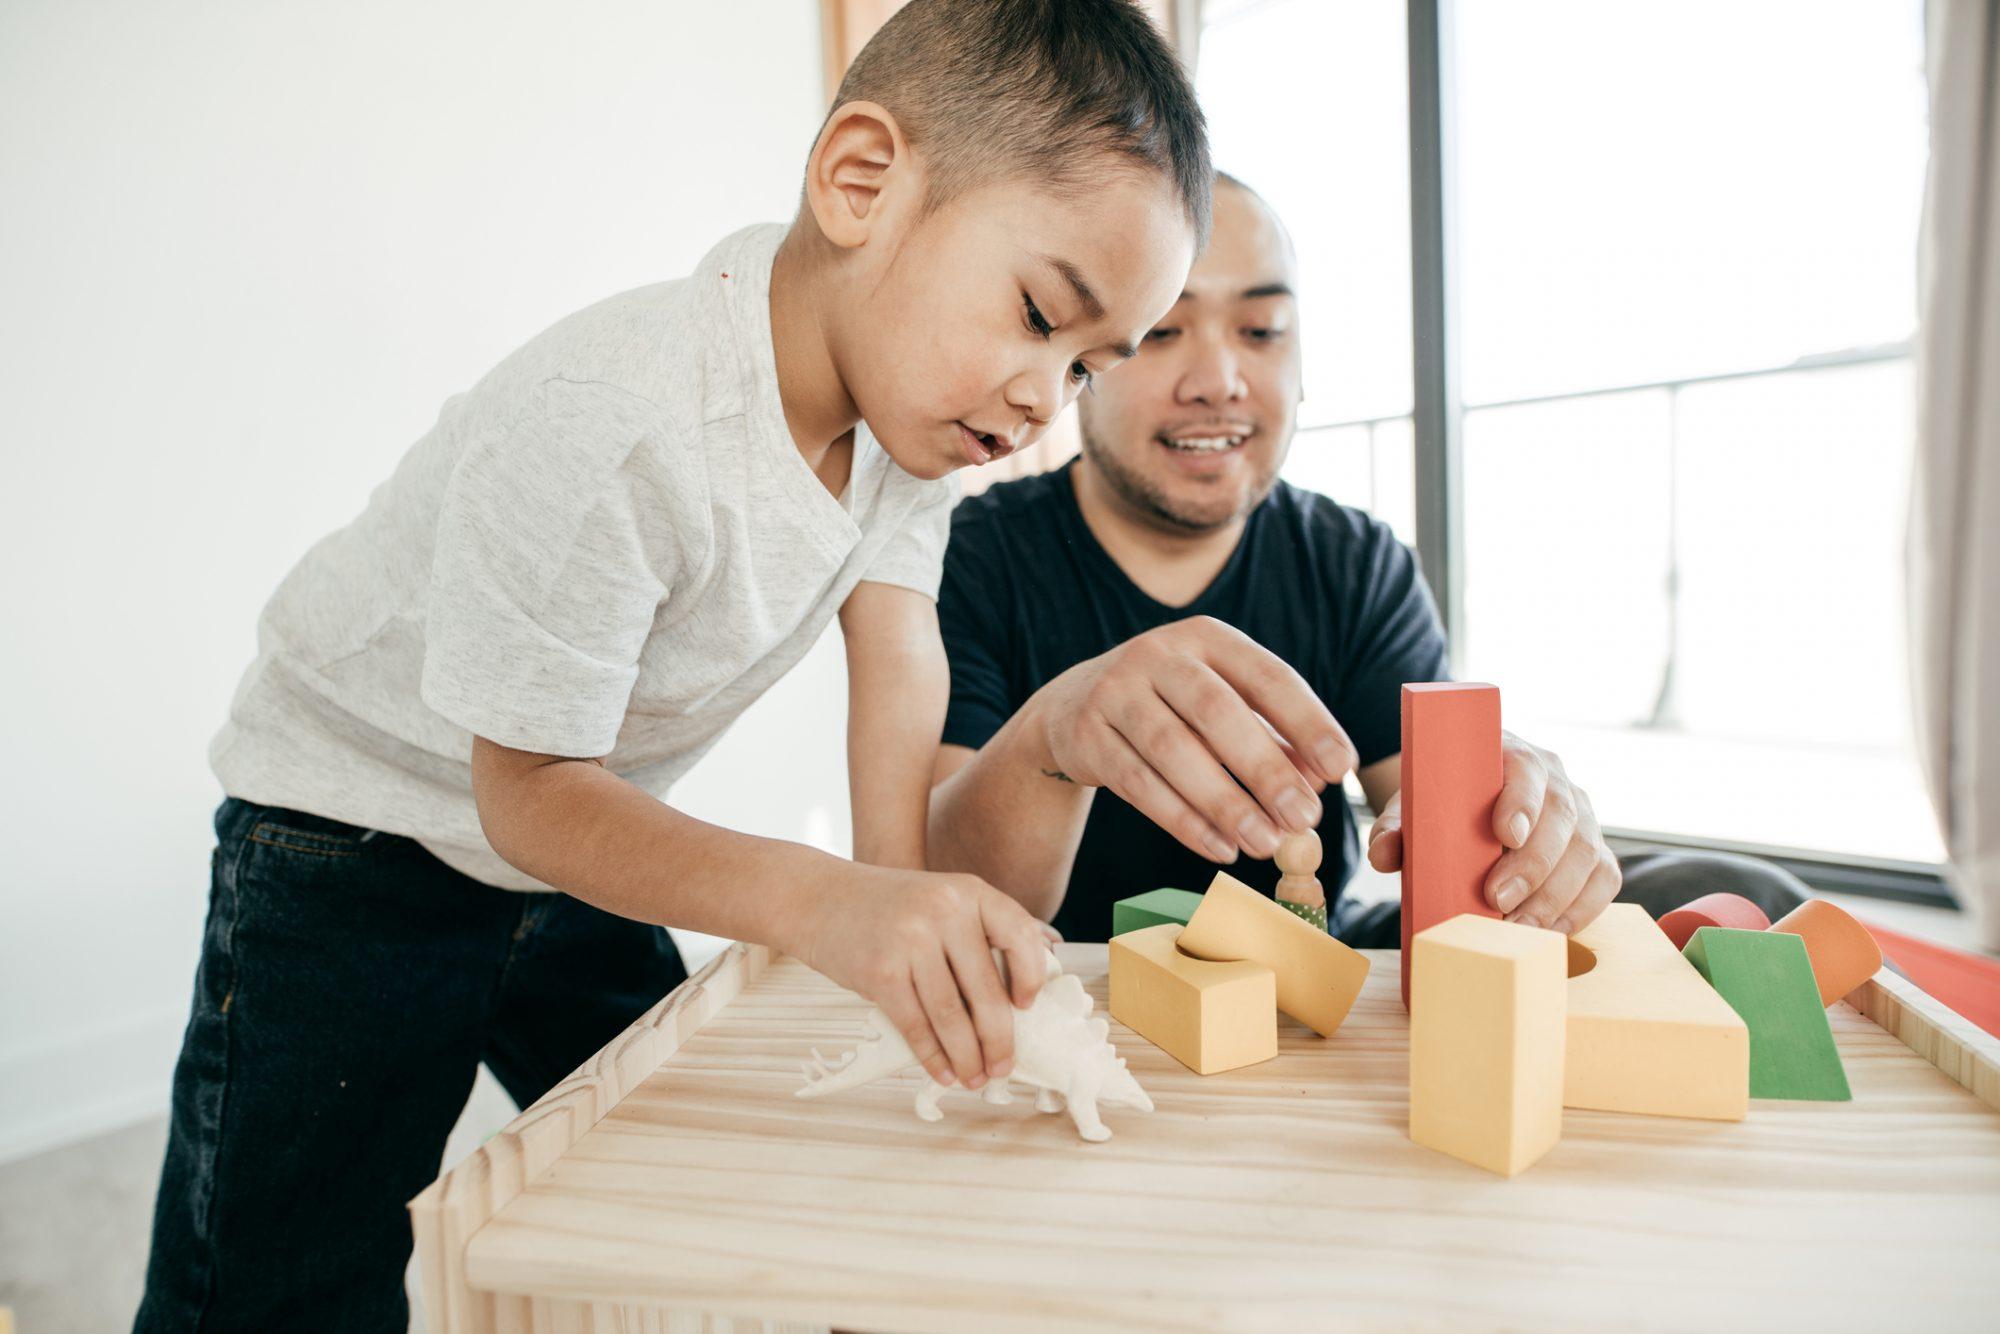 parents help kids be leaders